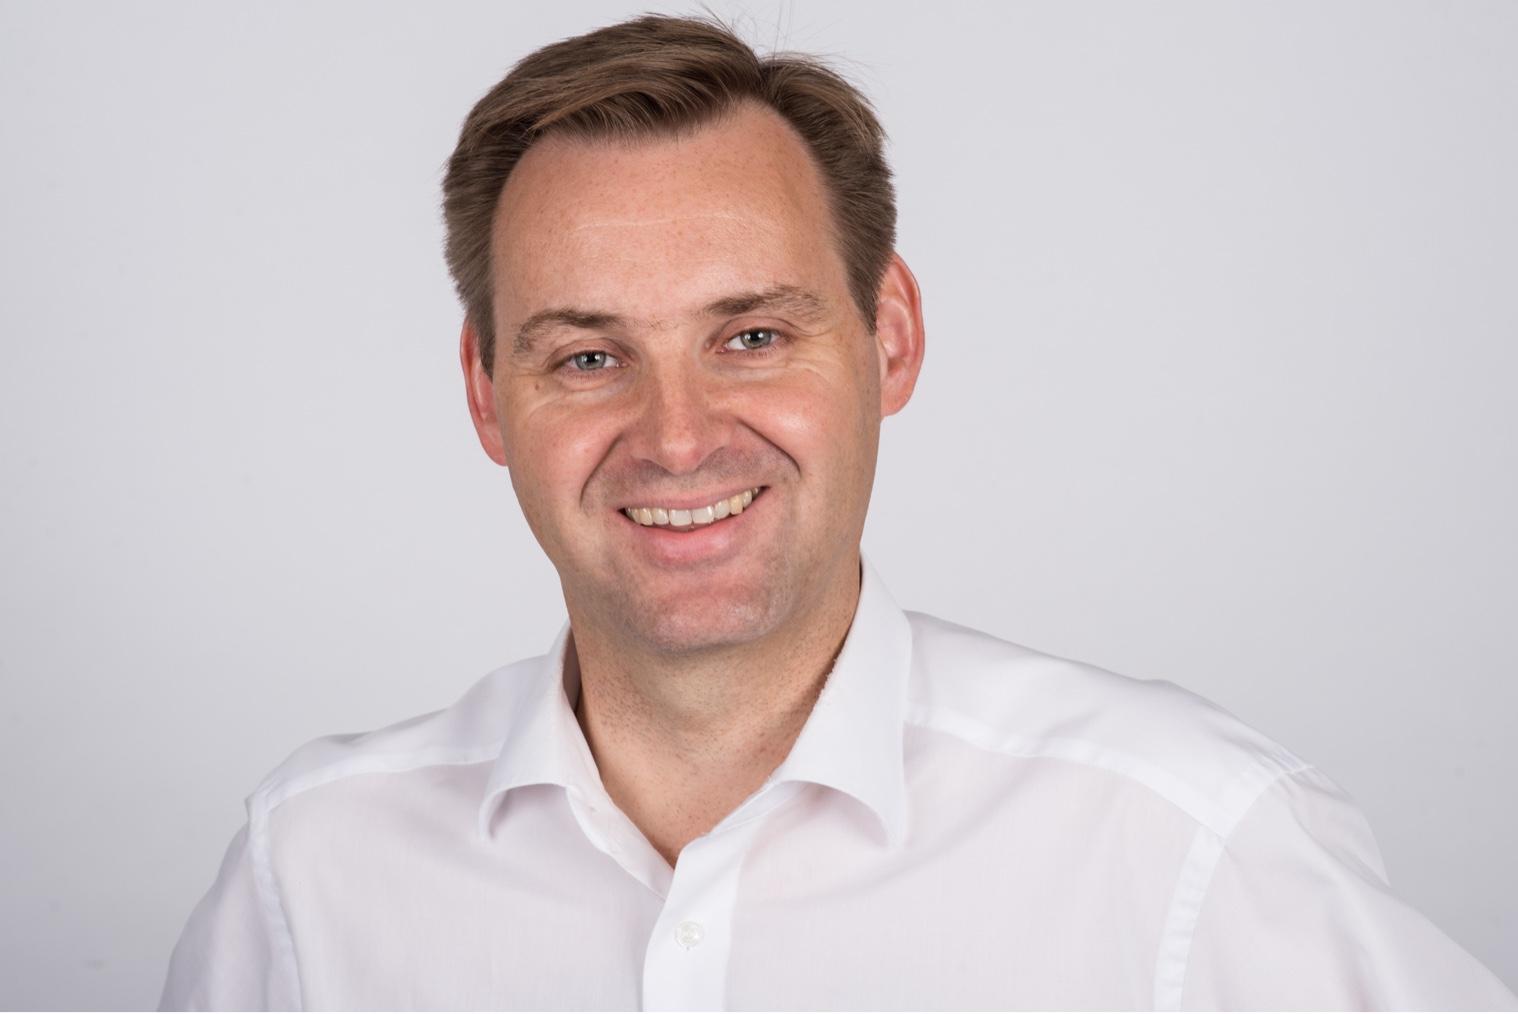 Ingo Hamel, ROVEMA's Head of Innovation